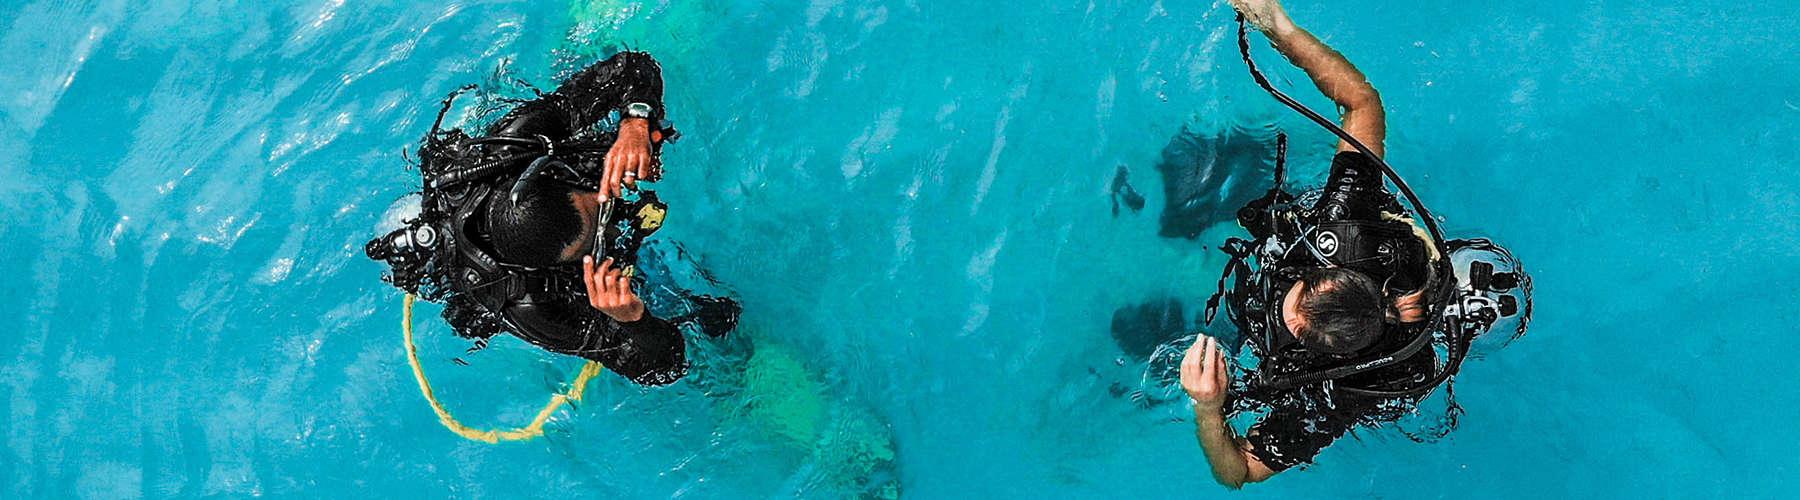 scuba dive travel scuba diving blog